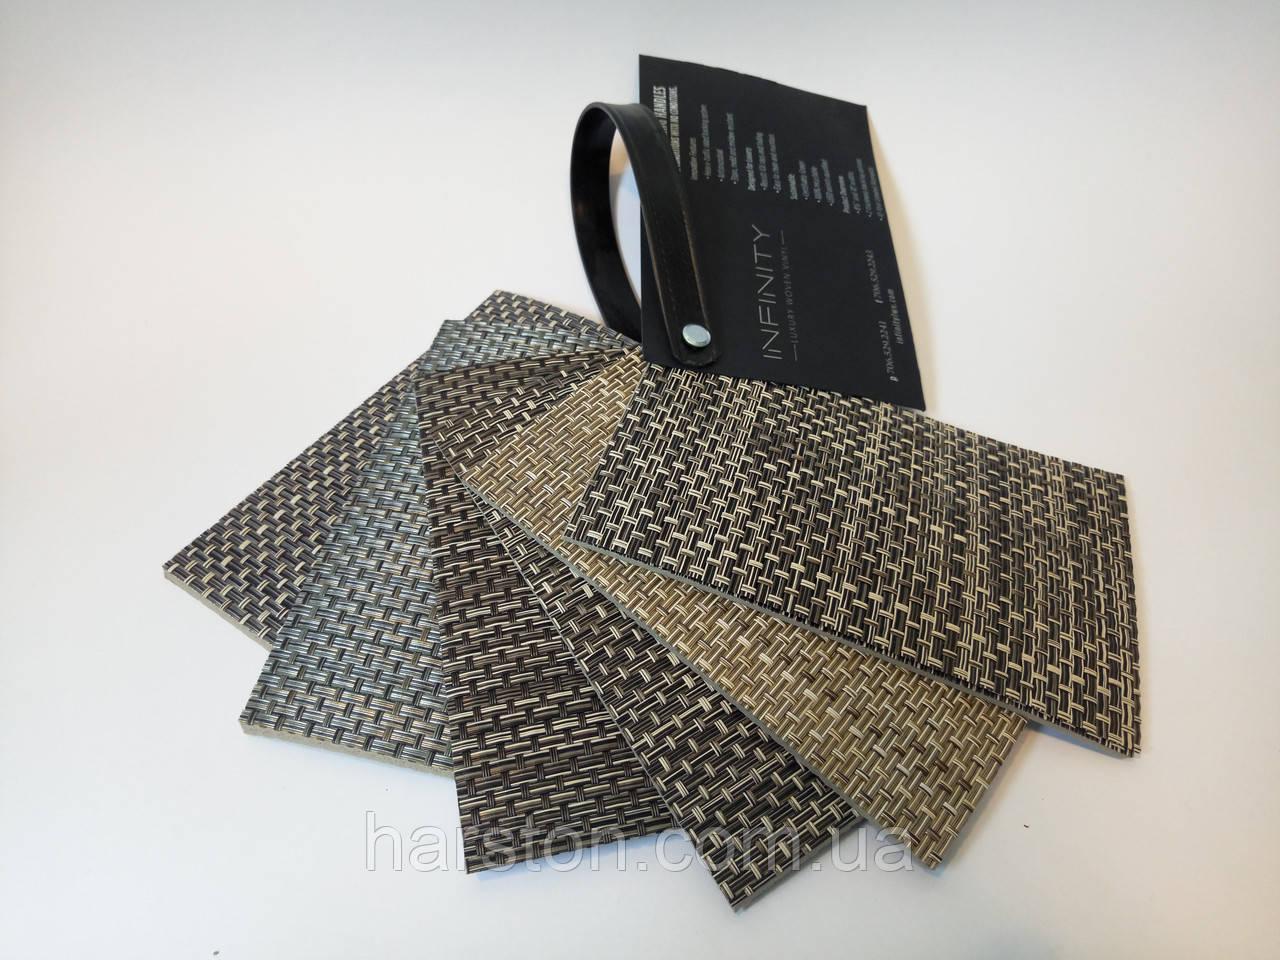 Искусственные палубные покрытия Infinity Basket Weave HD